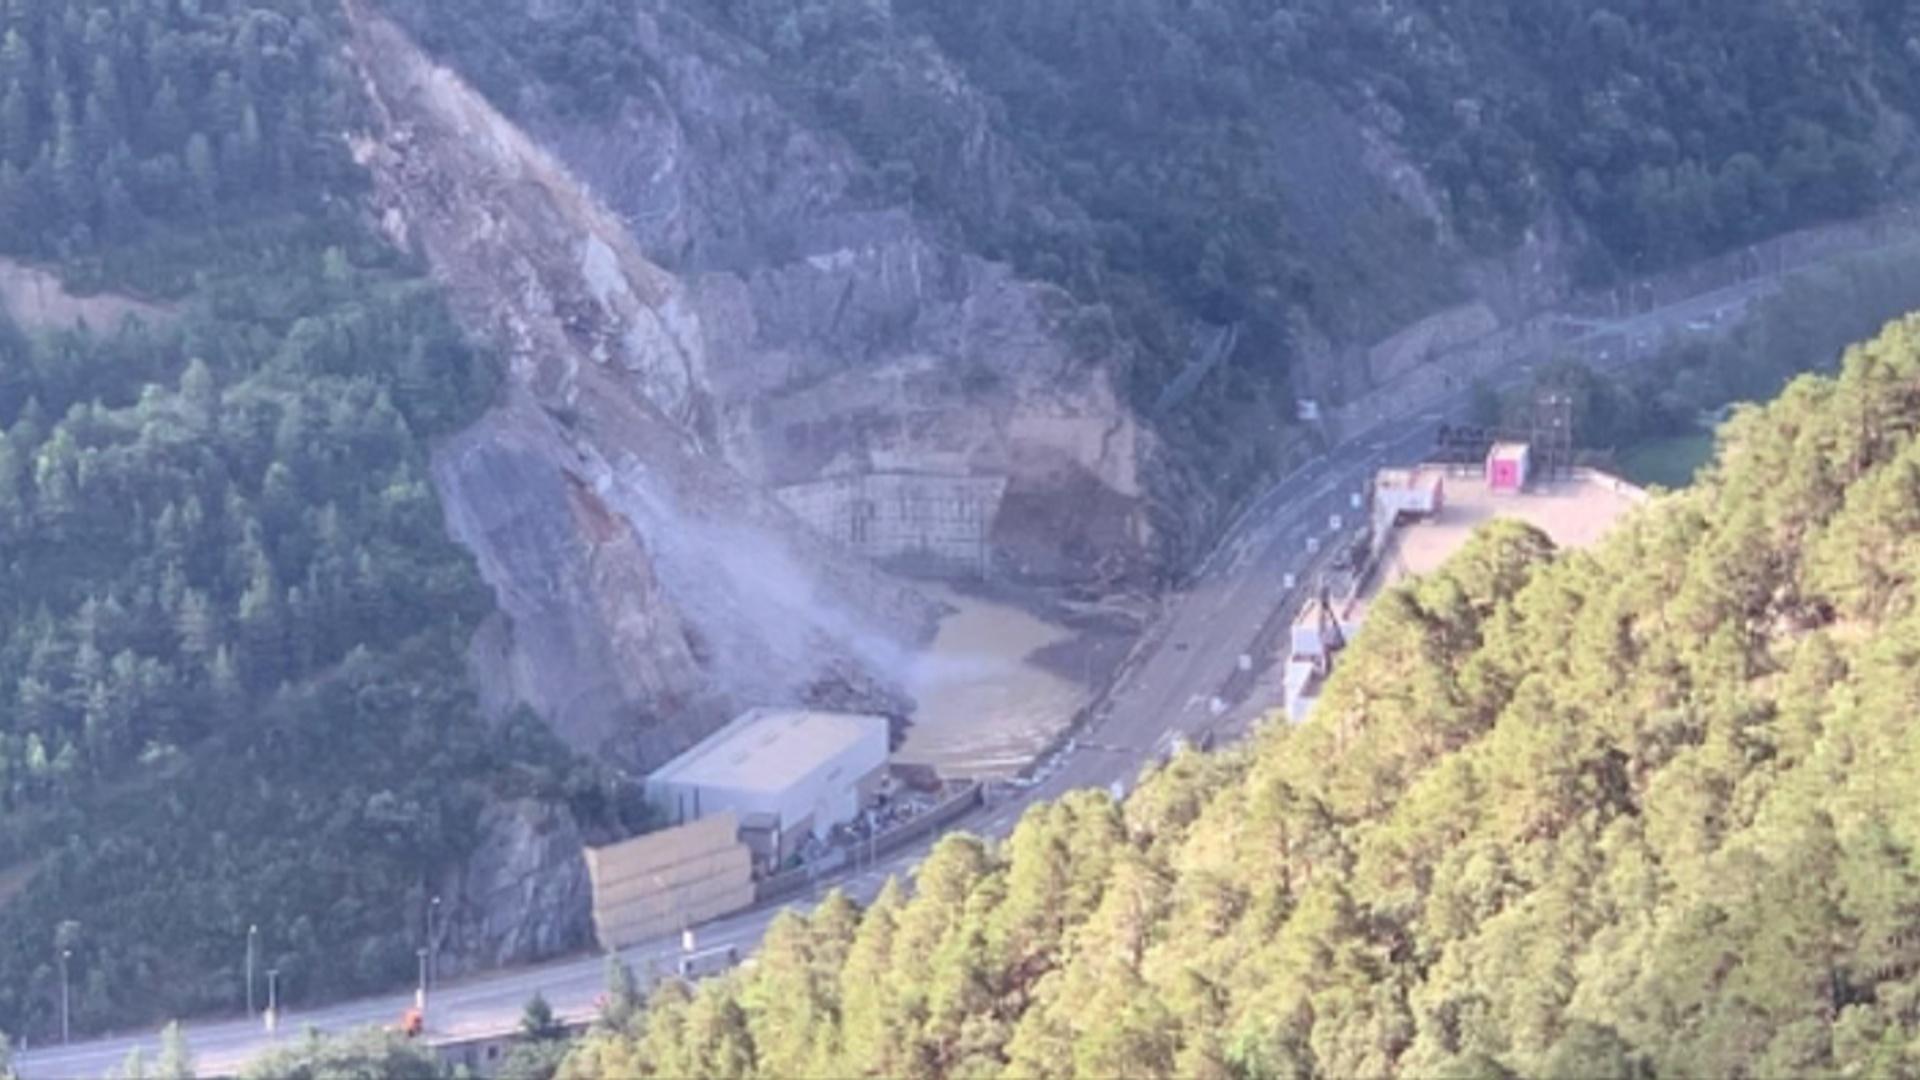 Continuen caient pedres sobre la CG-1 a l'esllavissada de Sant Julià